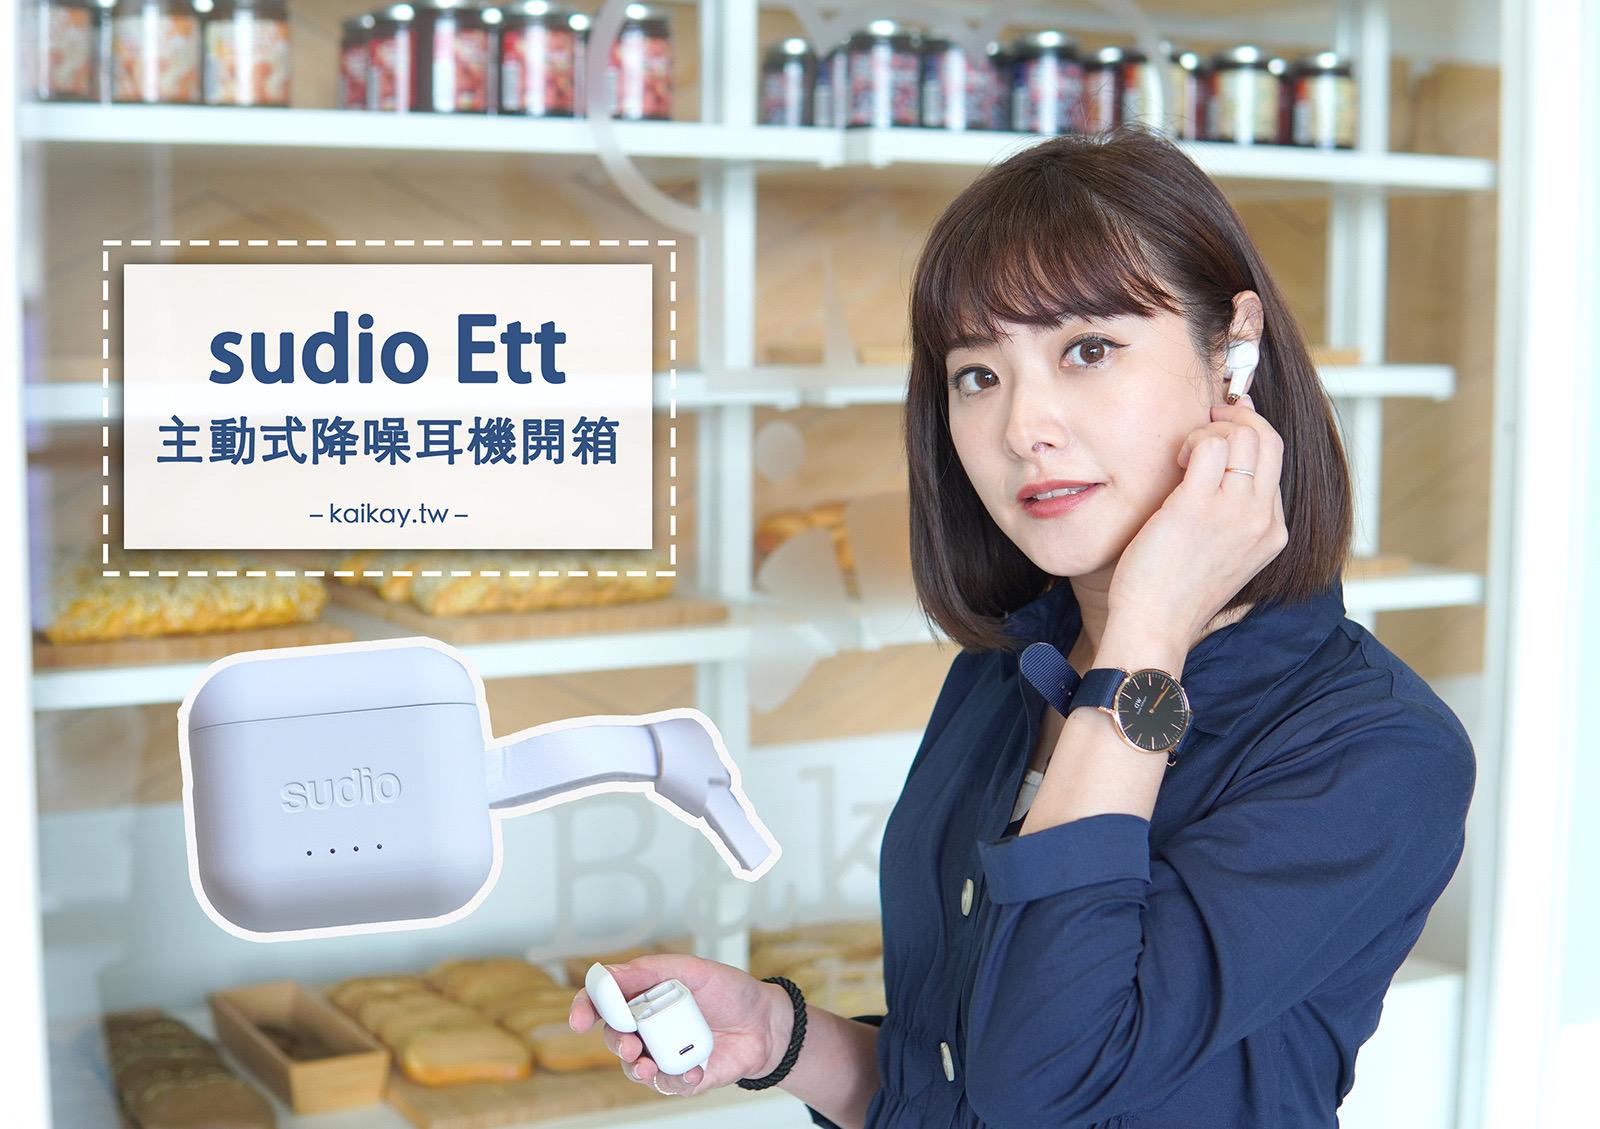 延伸閱讀:☆【3C】瑞典 sudio Ett 主動式降噪藍牙耳機。一戴上就鑽進自己的小世界裡